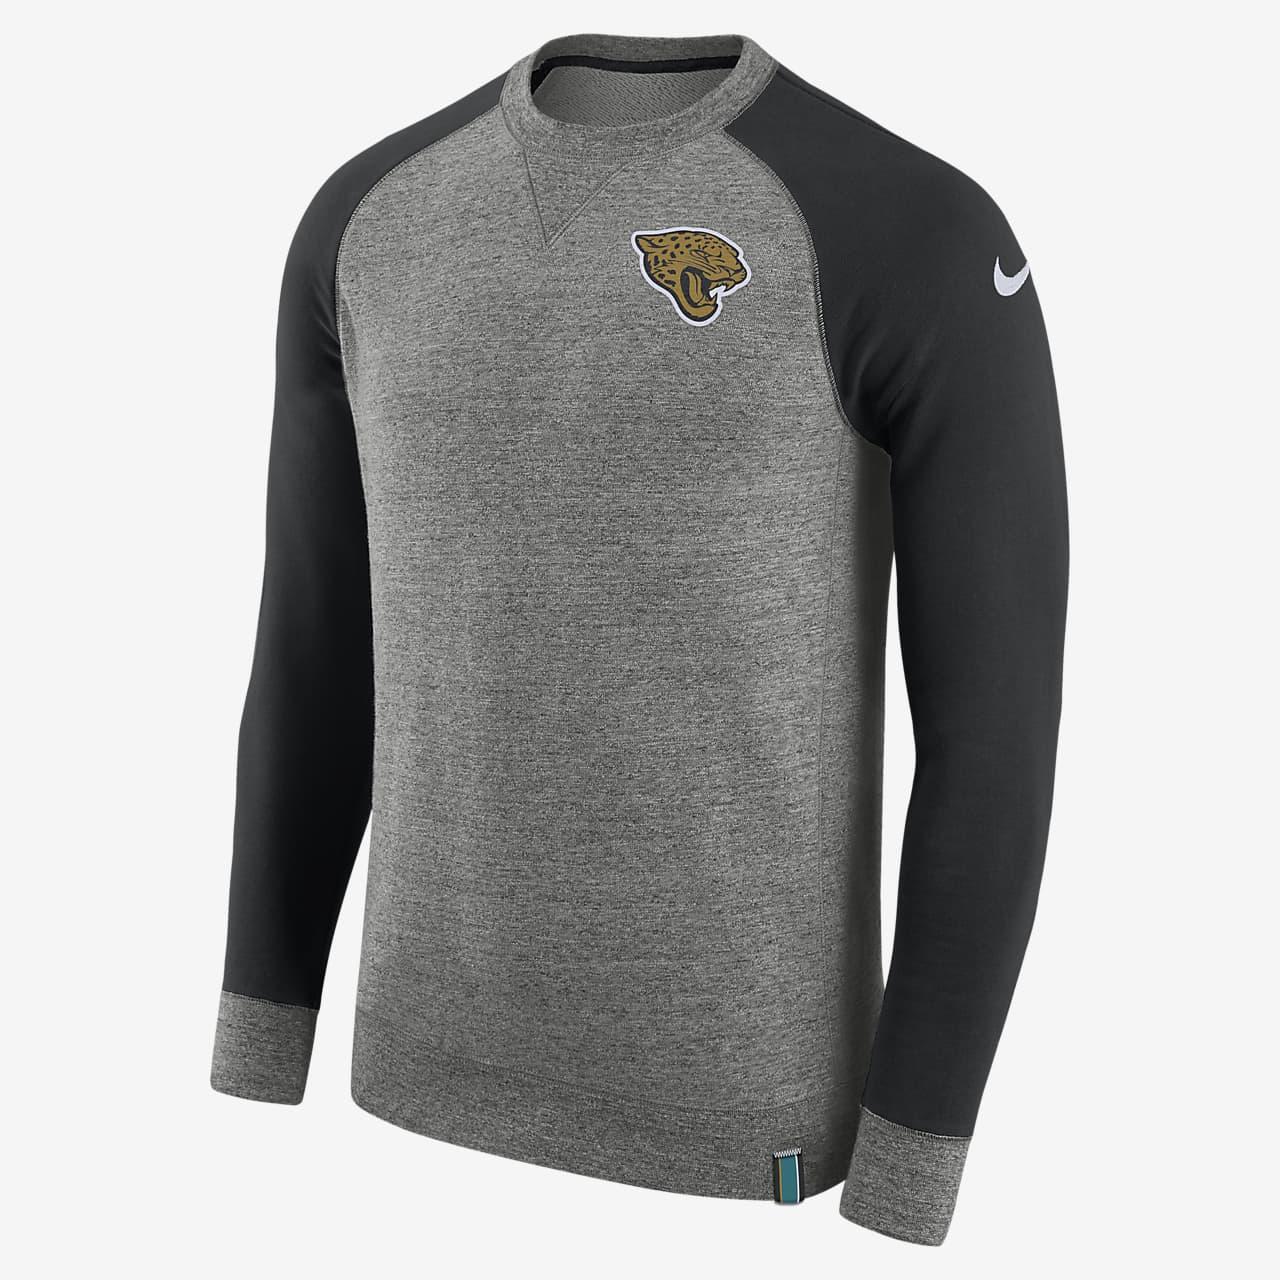 Nike AW77 (NFL Jaguars) Men's Crew